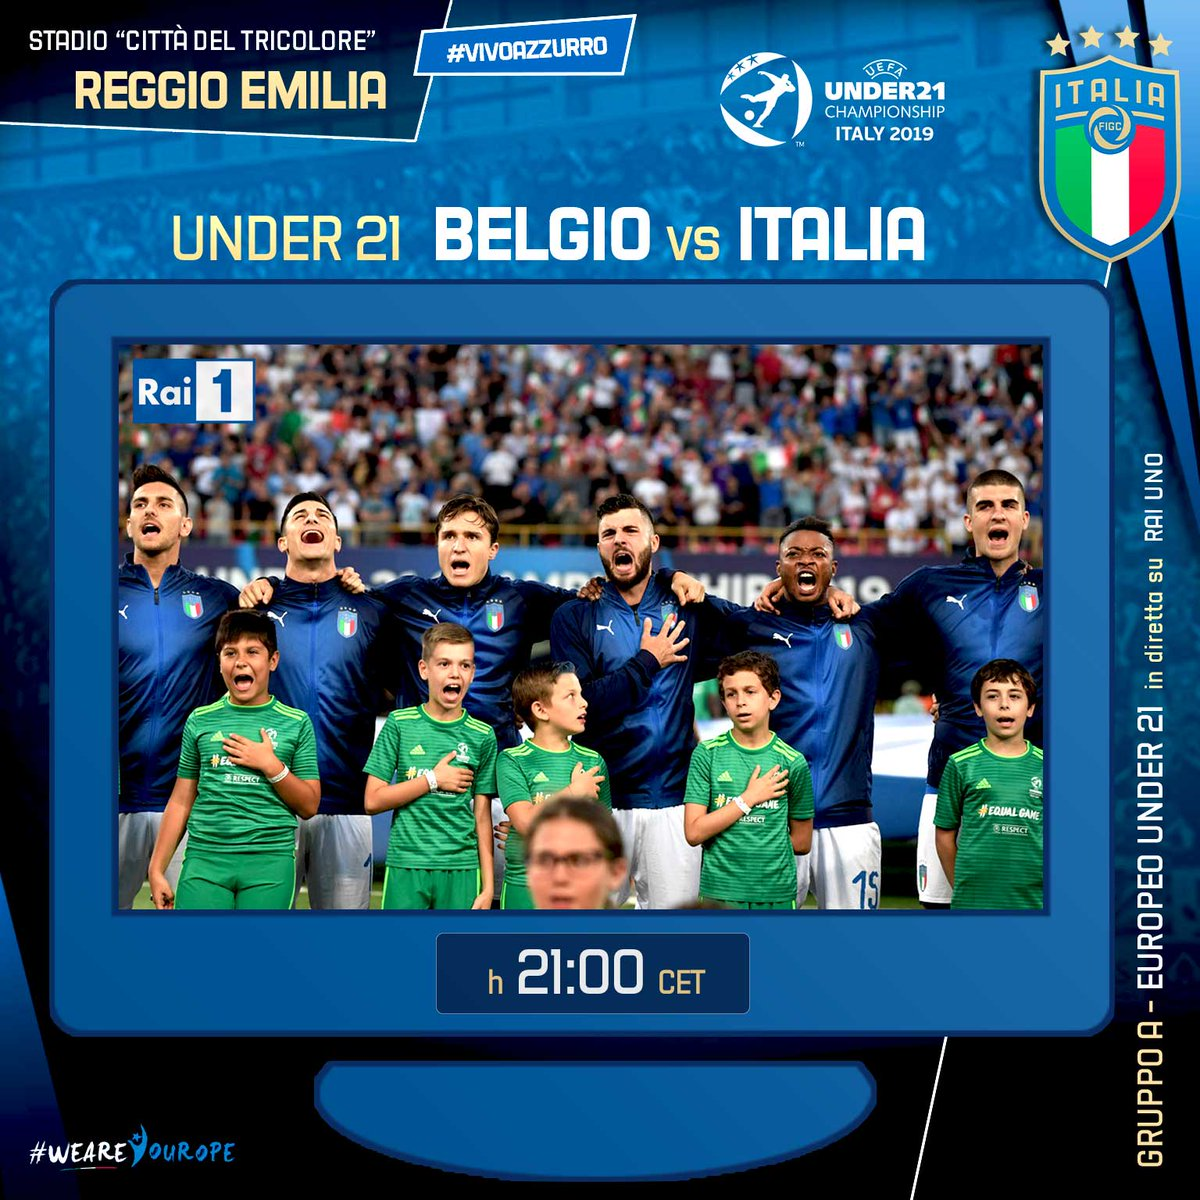 Europei Under 21 - Italia obbligata a vincere contro il Belgio e poi sperare